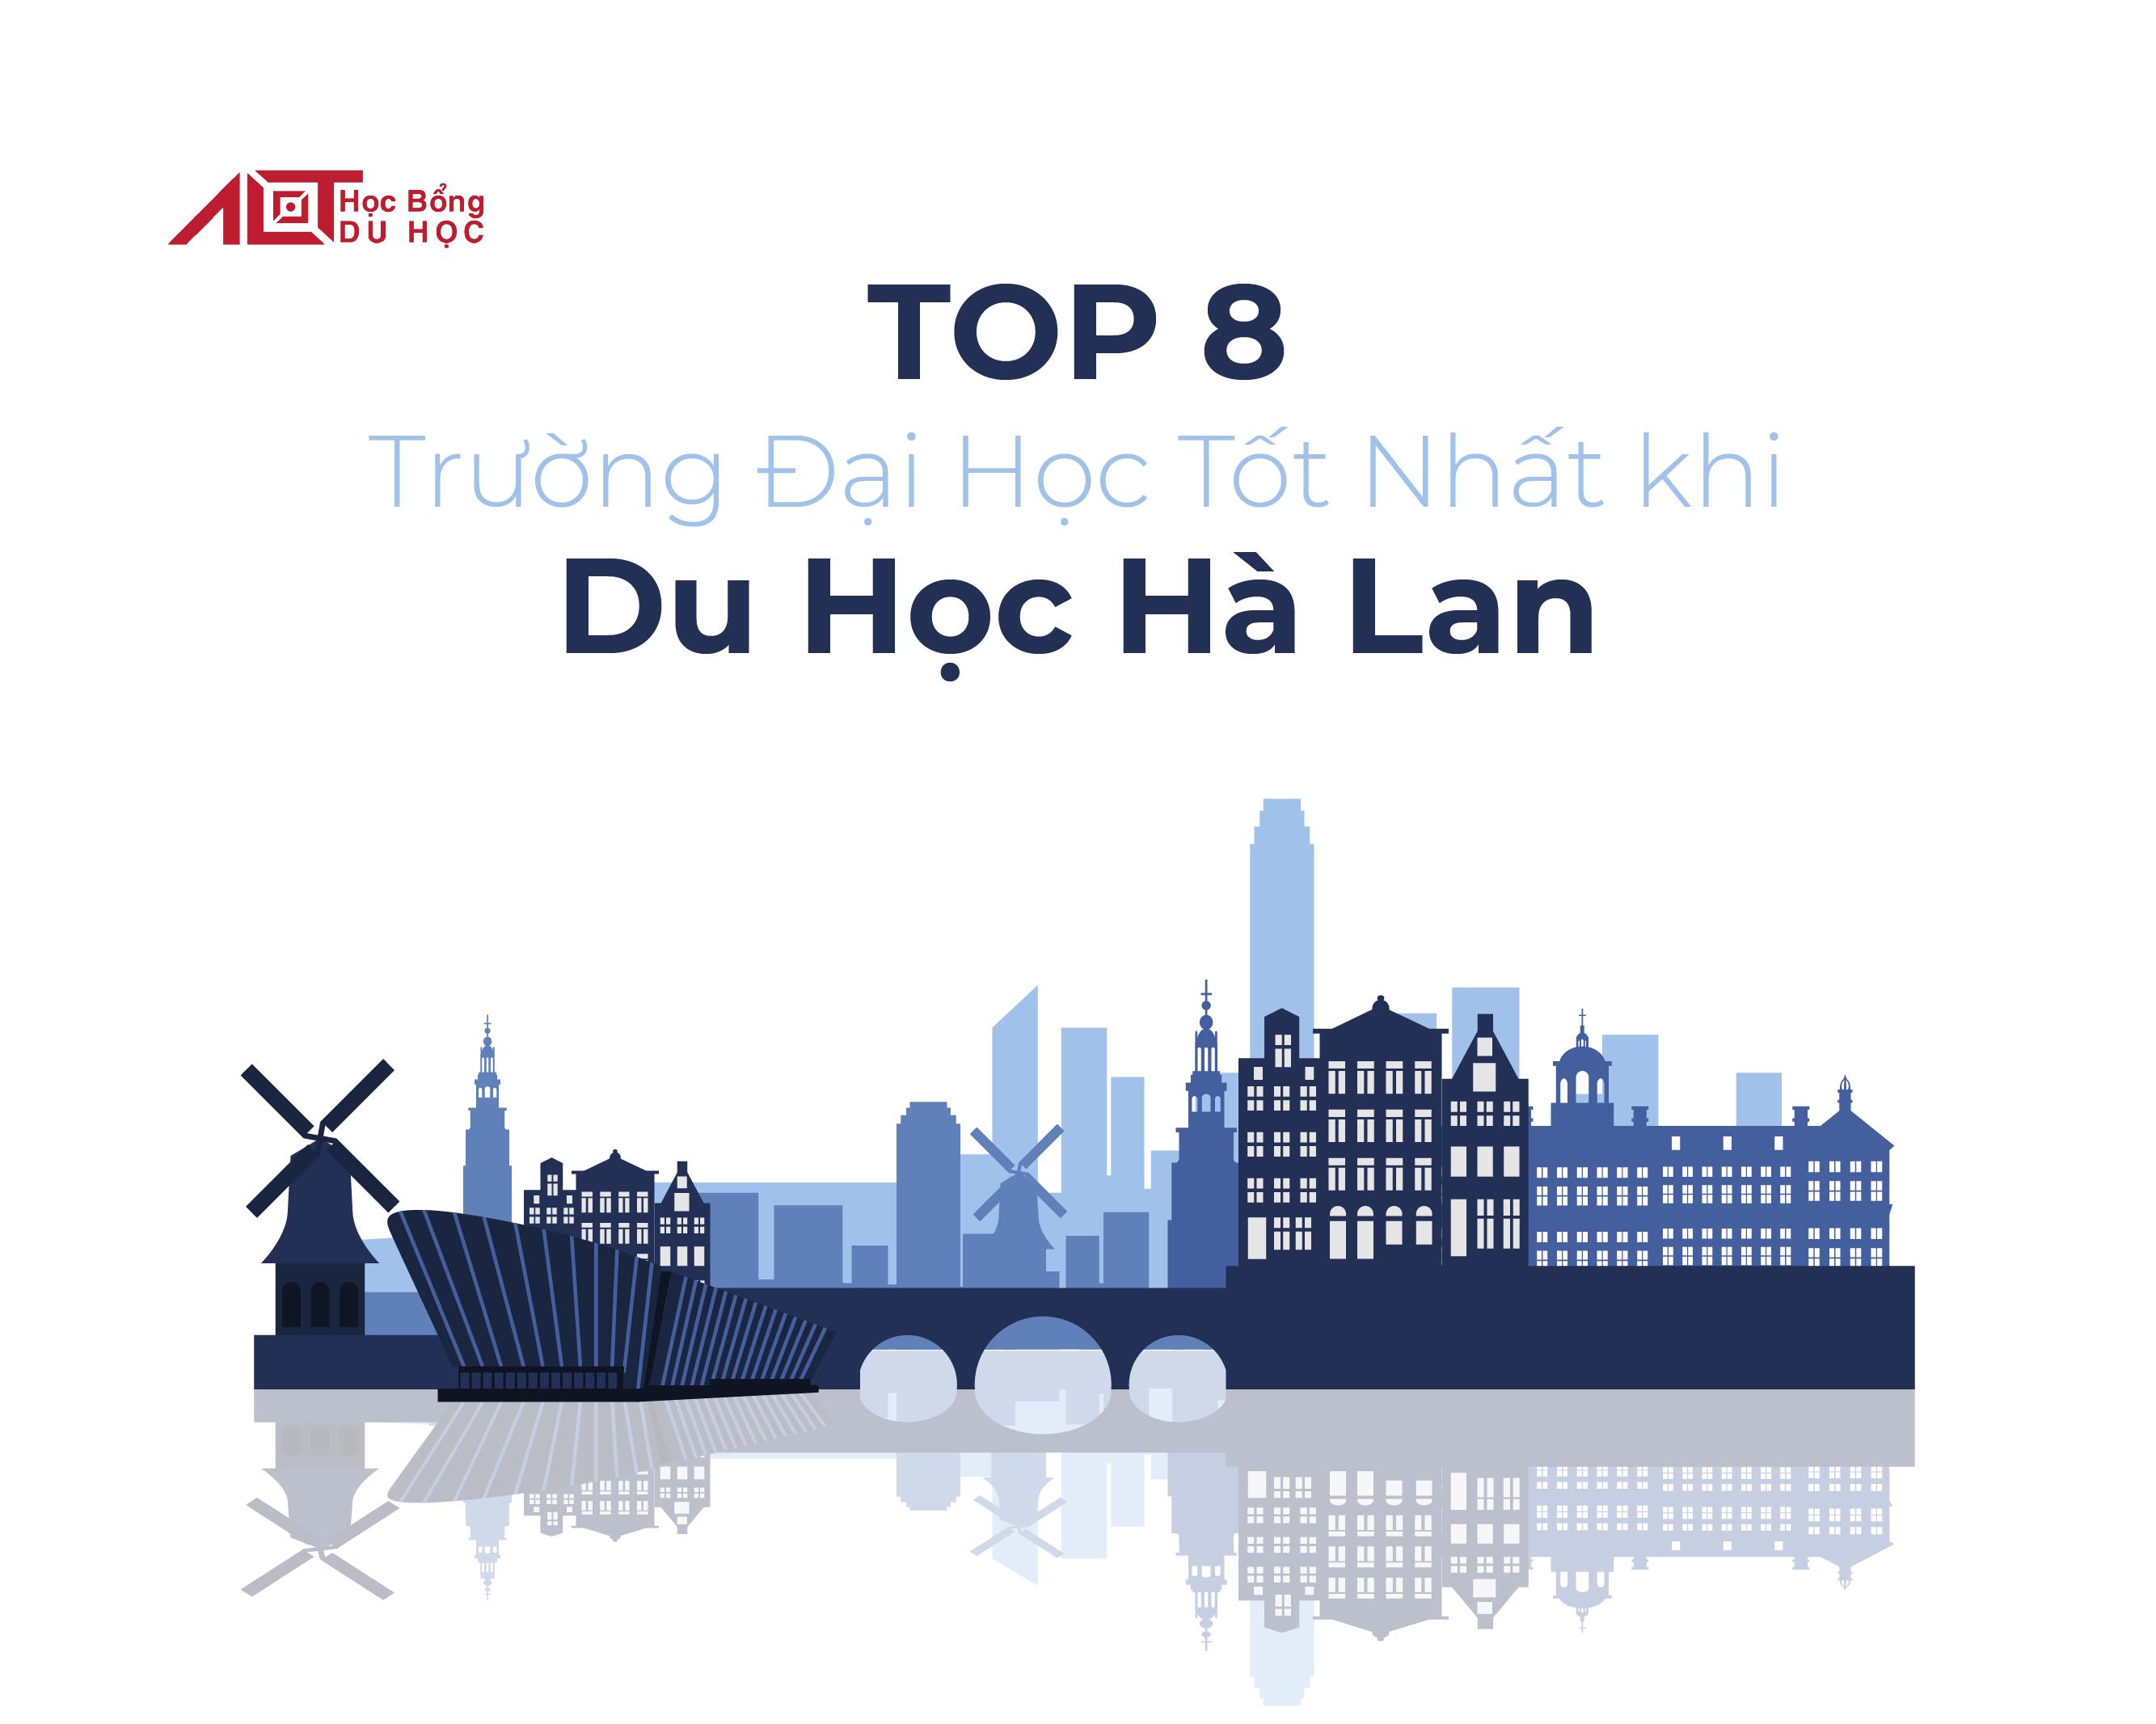 Top 8 trường đại học nên học khi đi du học Hà Lan